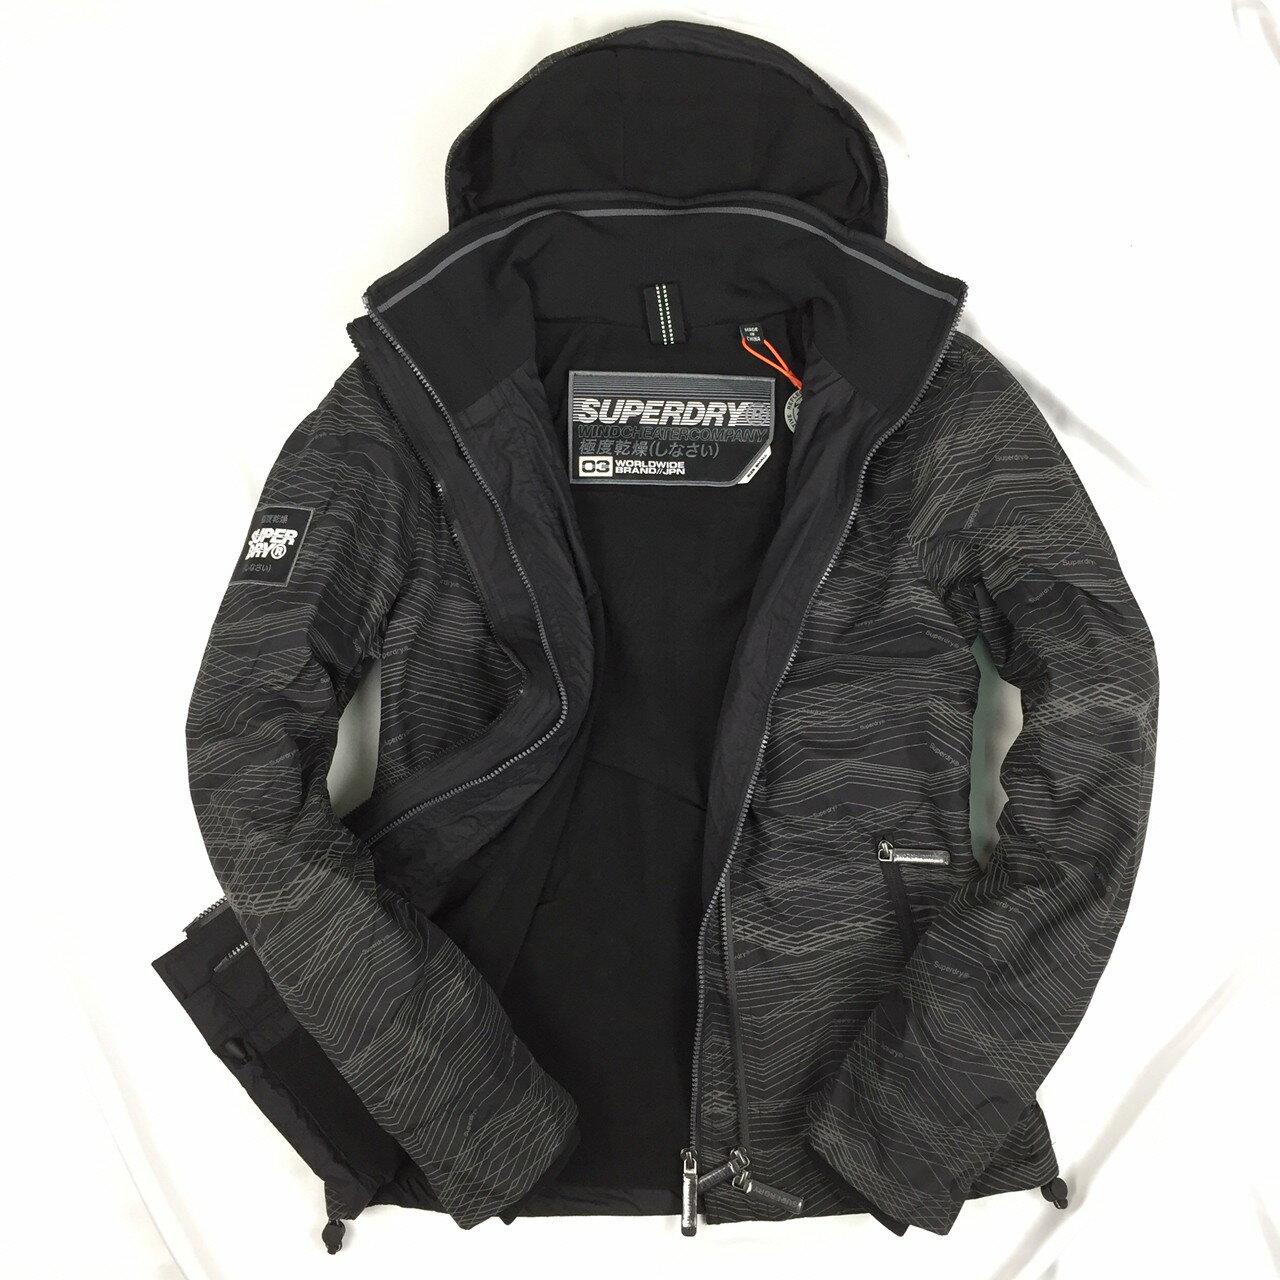 Superdry 極度乾燥外套 男款 雙拉鍊連帽夾克 防風防潑水外套 迷彩 反光印花 英國正品現貨